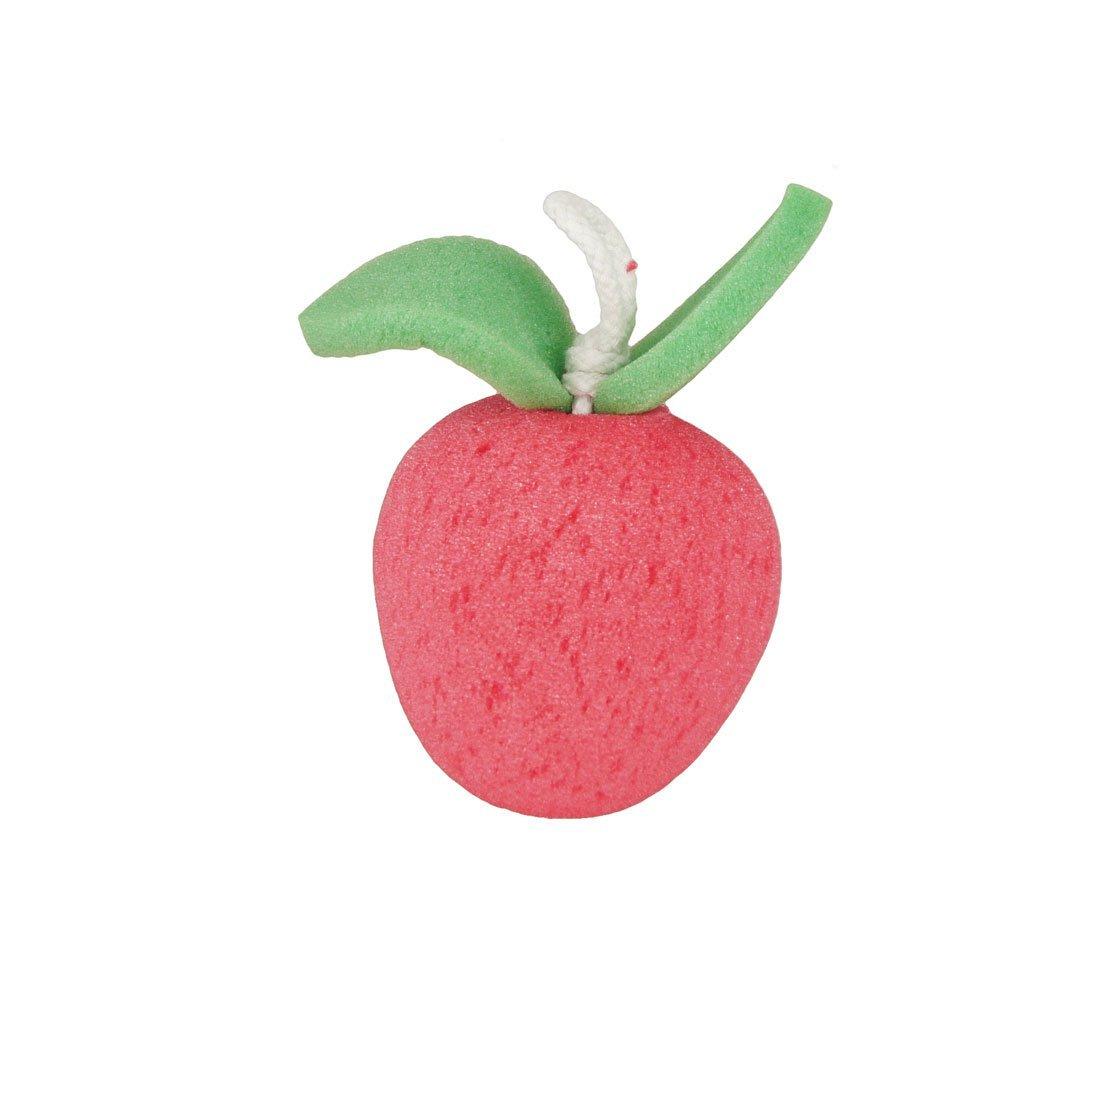 Apfel Obst Accent Körpermassage Wash Reinigung Dusche Schwamm Grün Rot DealMux